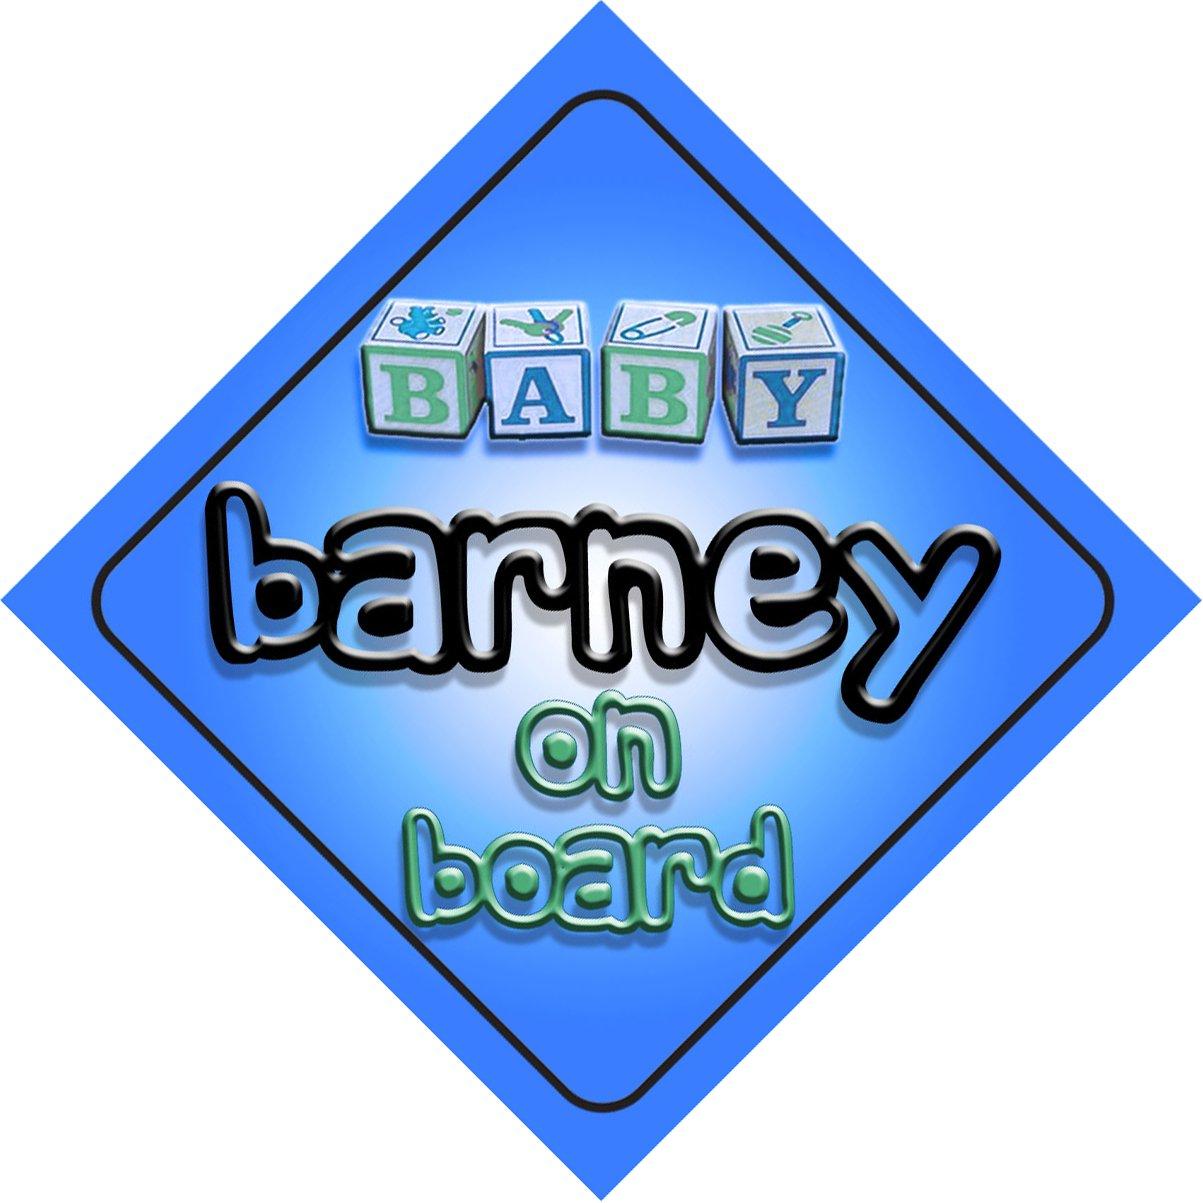 Bébé Garçon Barney on Board fantaisie Panneau de voiture Cadeau/cadeau pour nouveau/enfant nouveau-né